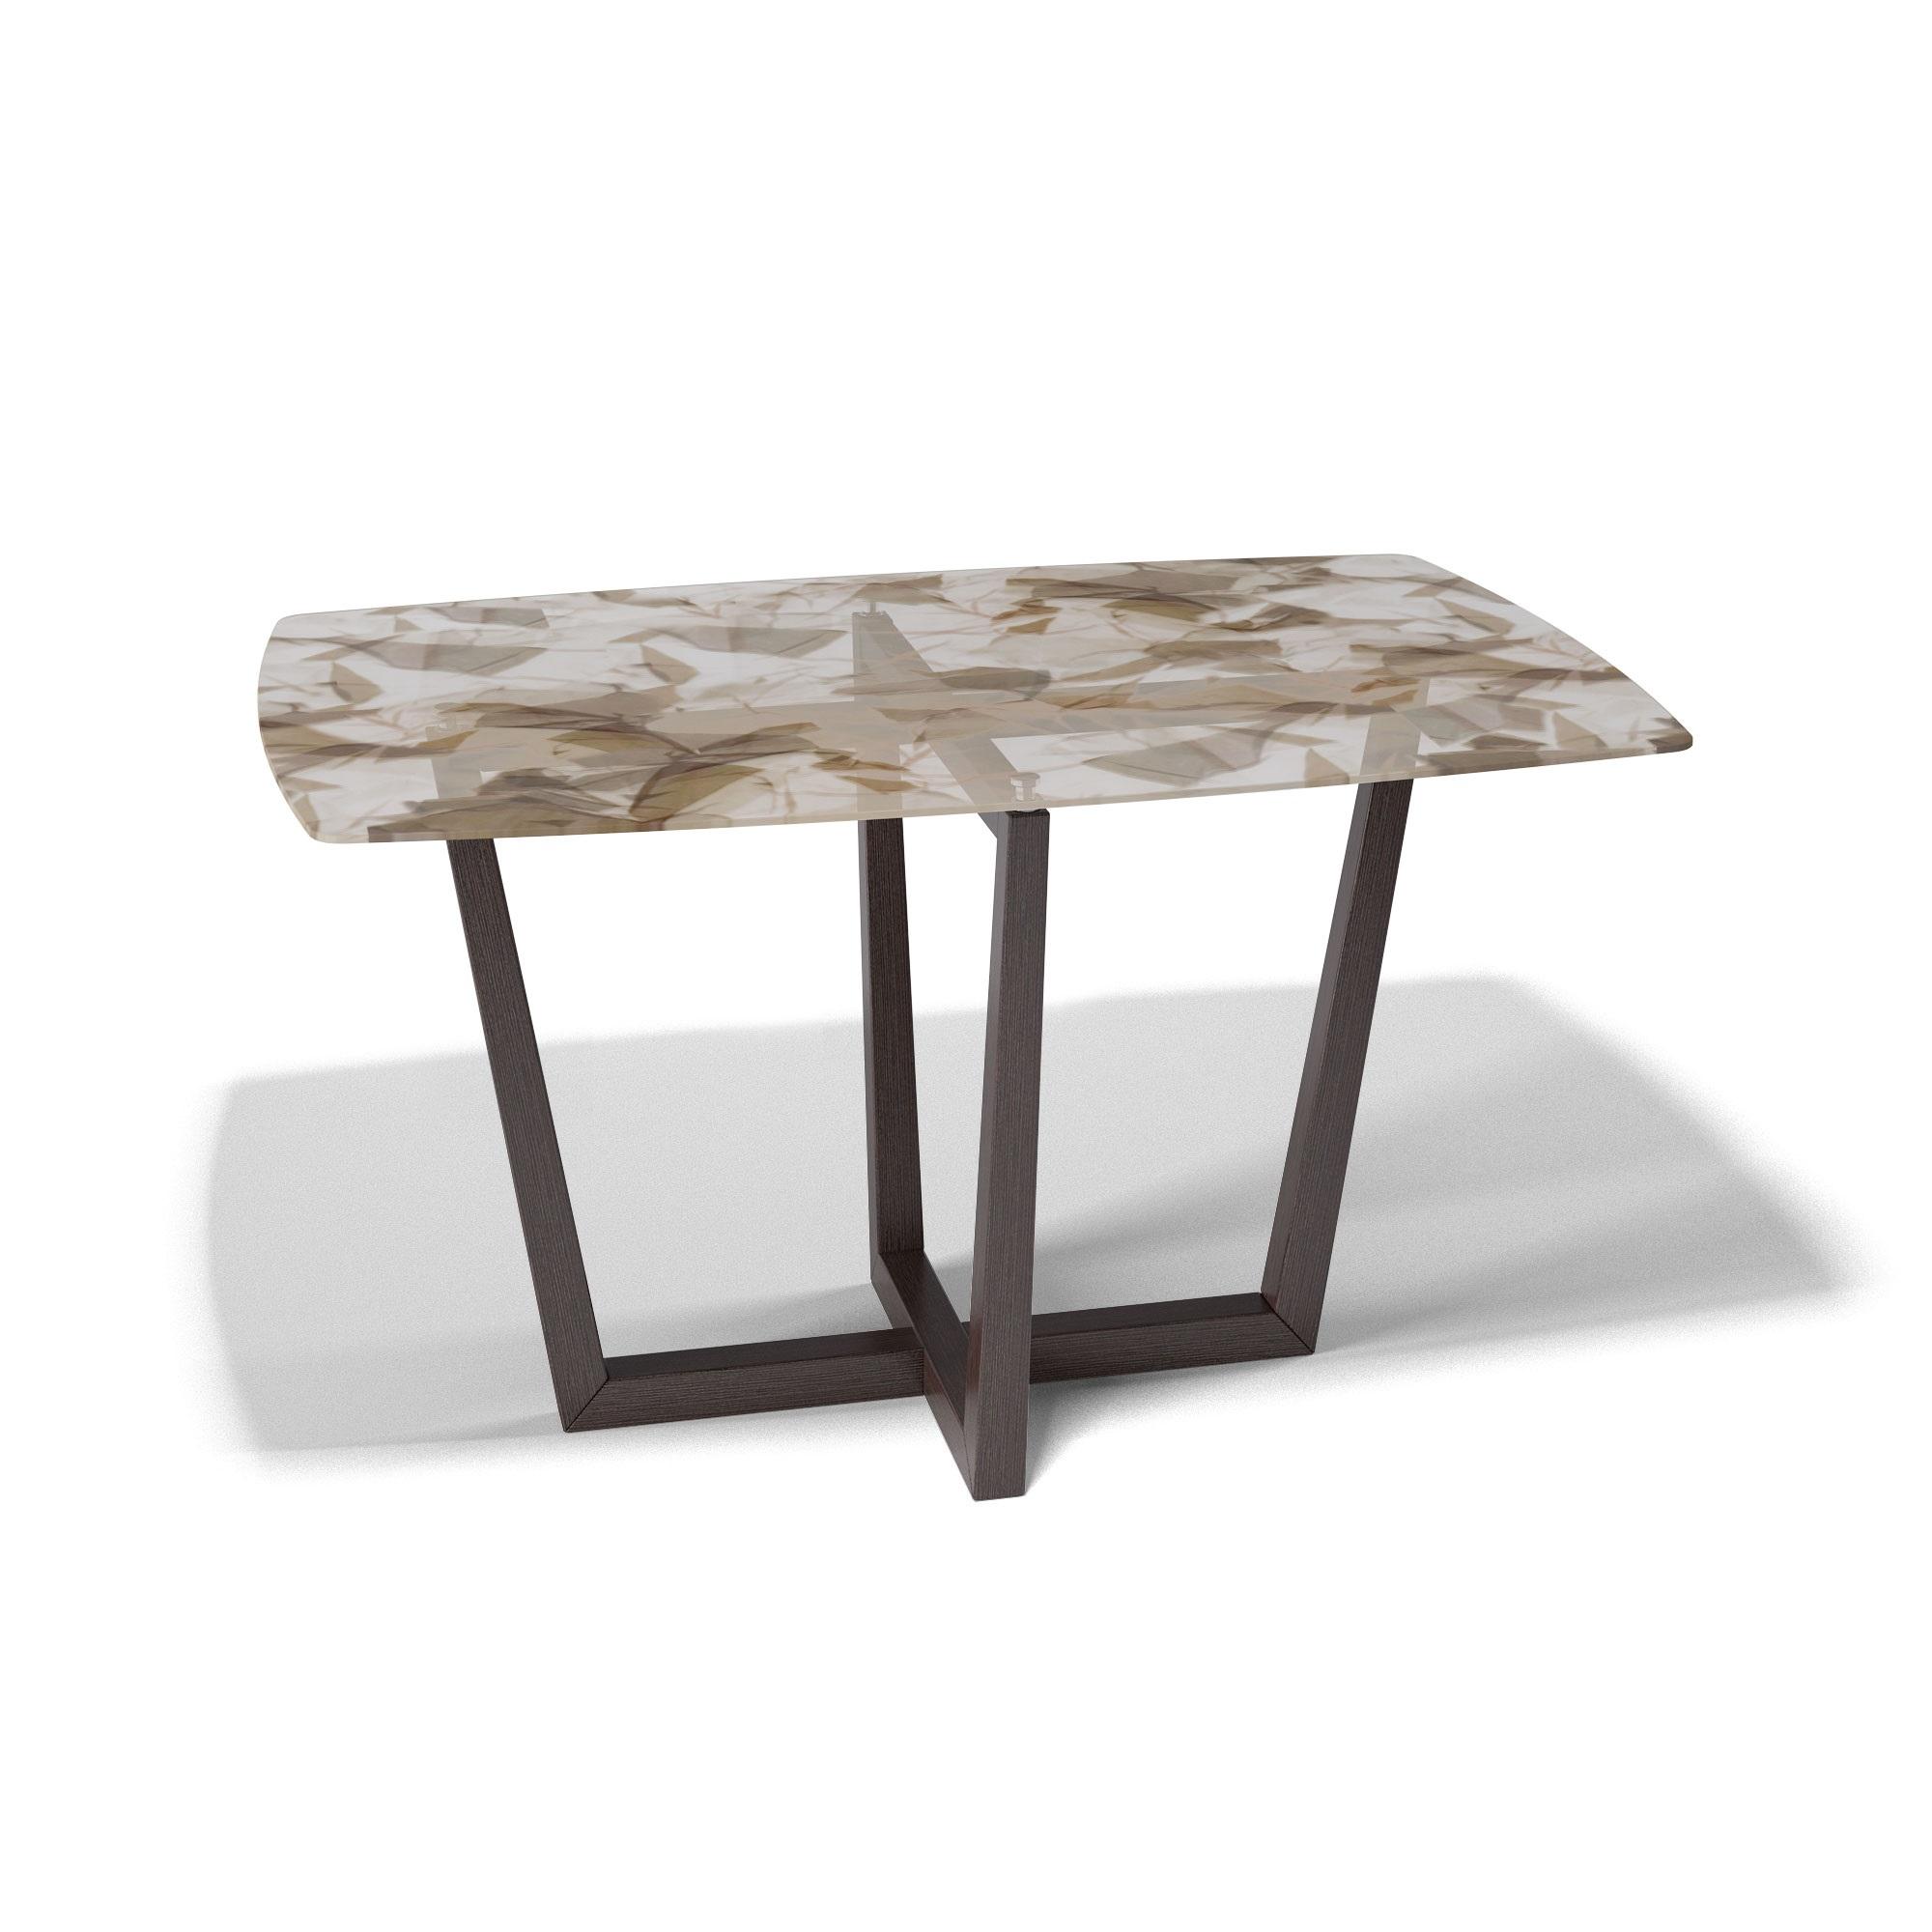 Стол обеденный KennerОбеденные столы<br>Столешница выполнена из стекла триплекс(6 мм - два или более органических или силикатных стекла, склеенные между собой специальной полимерной плёнкой, способной при ударе удерживать осколки)  с тканью внутри.&amp;nbsp;Основание выполнено массива бука.&amp;nbsp;Стекло не боится влаги, бытовой химии, выдерживает перепады на горячие и холодные температуры.&amp;nbsp;За таким столом могут разместиться 6 человек.<br><br>kit: None<br>gender: None